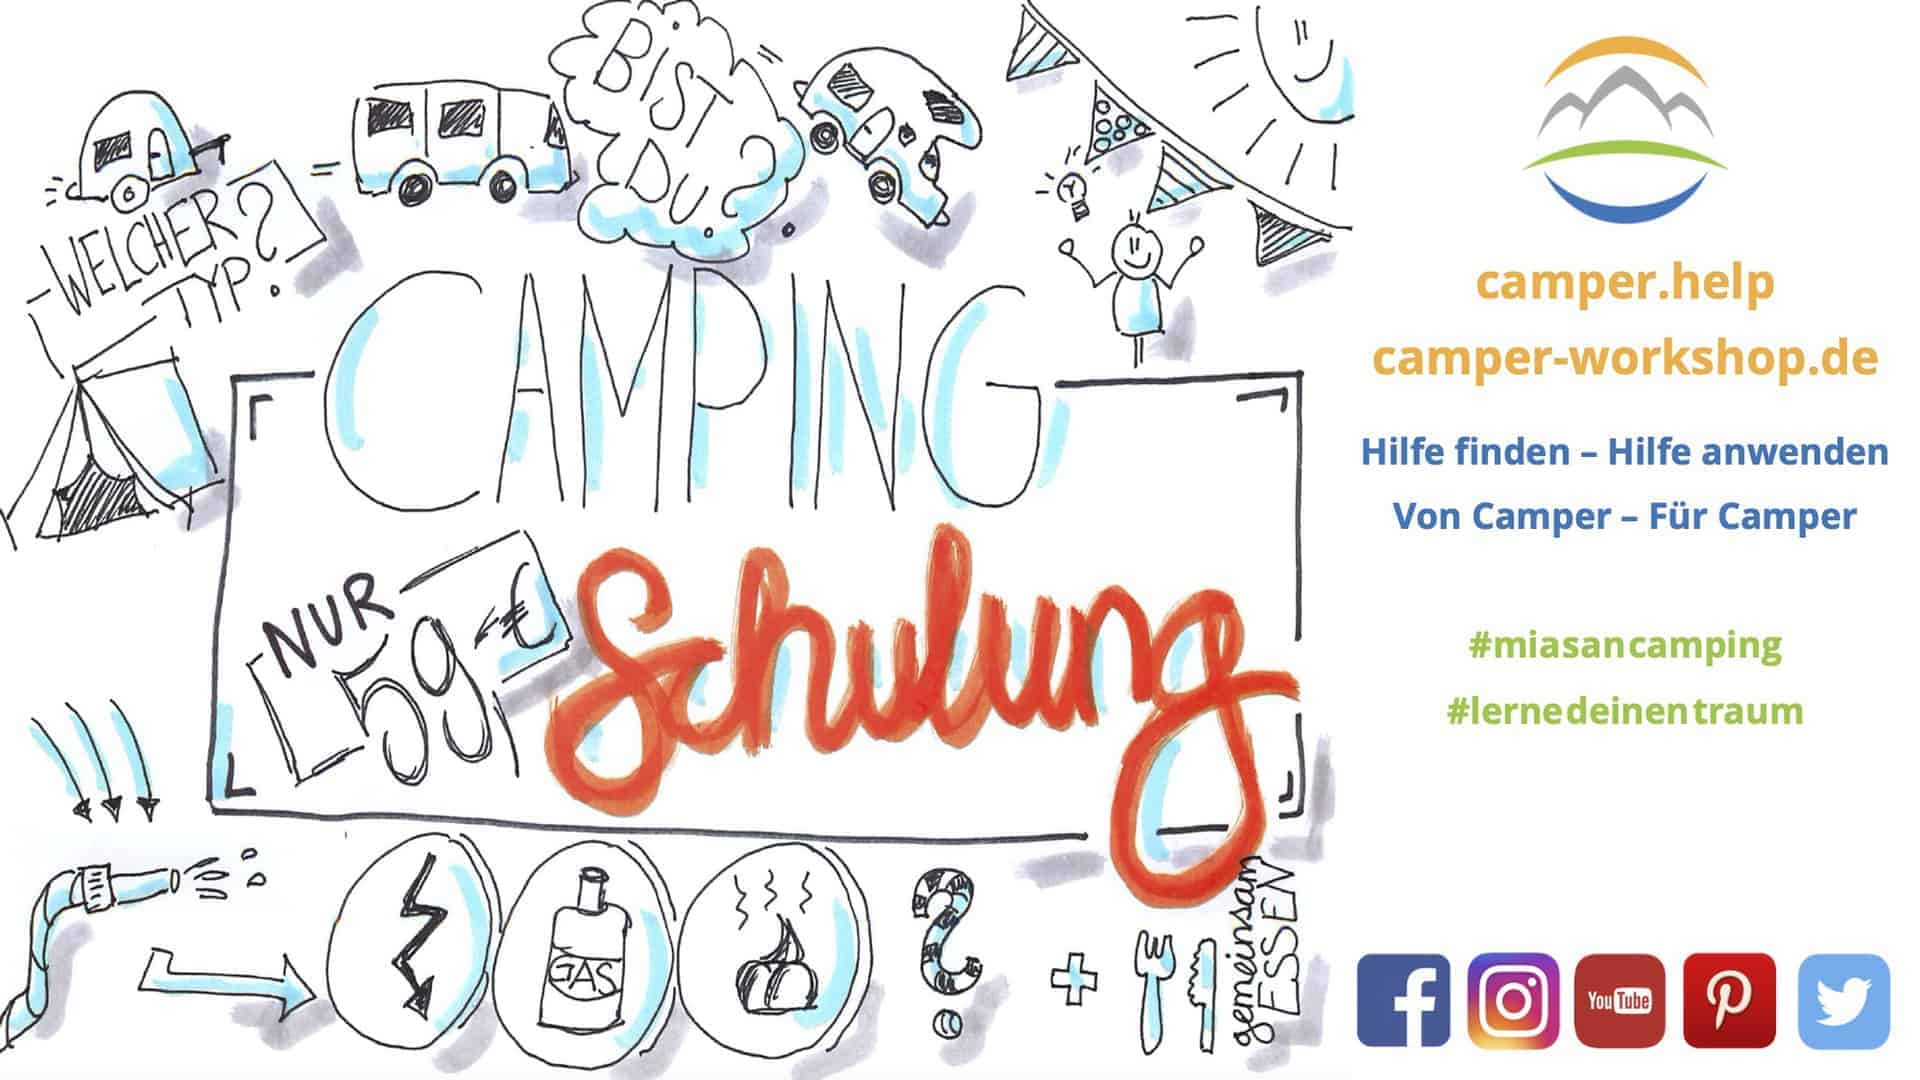 camper_workshop_flyer